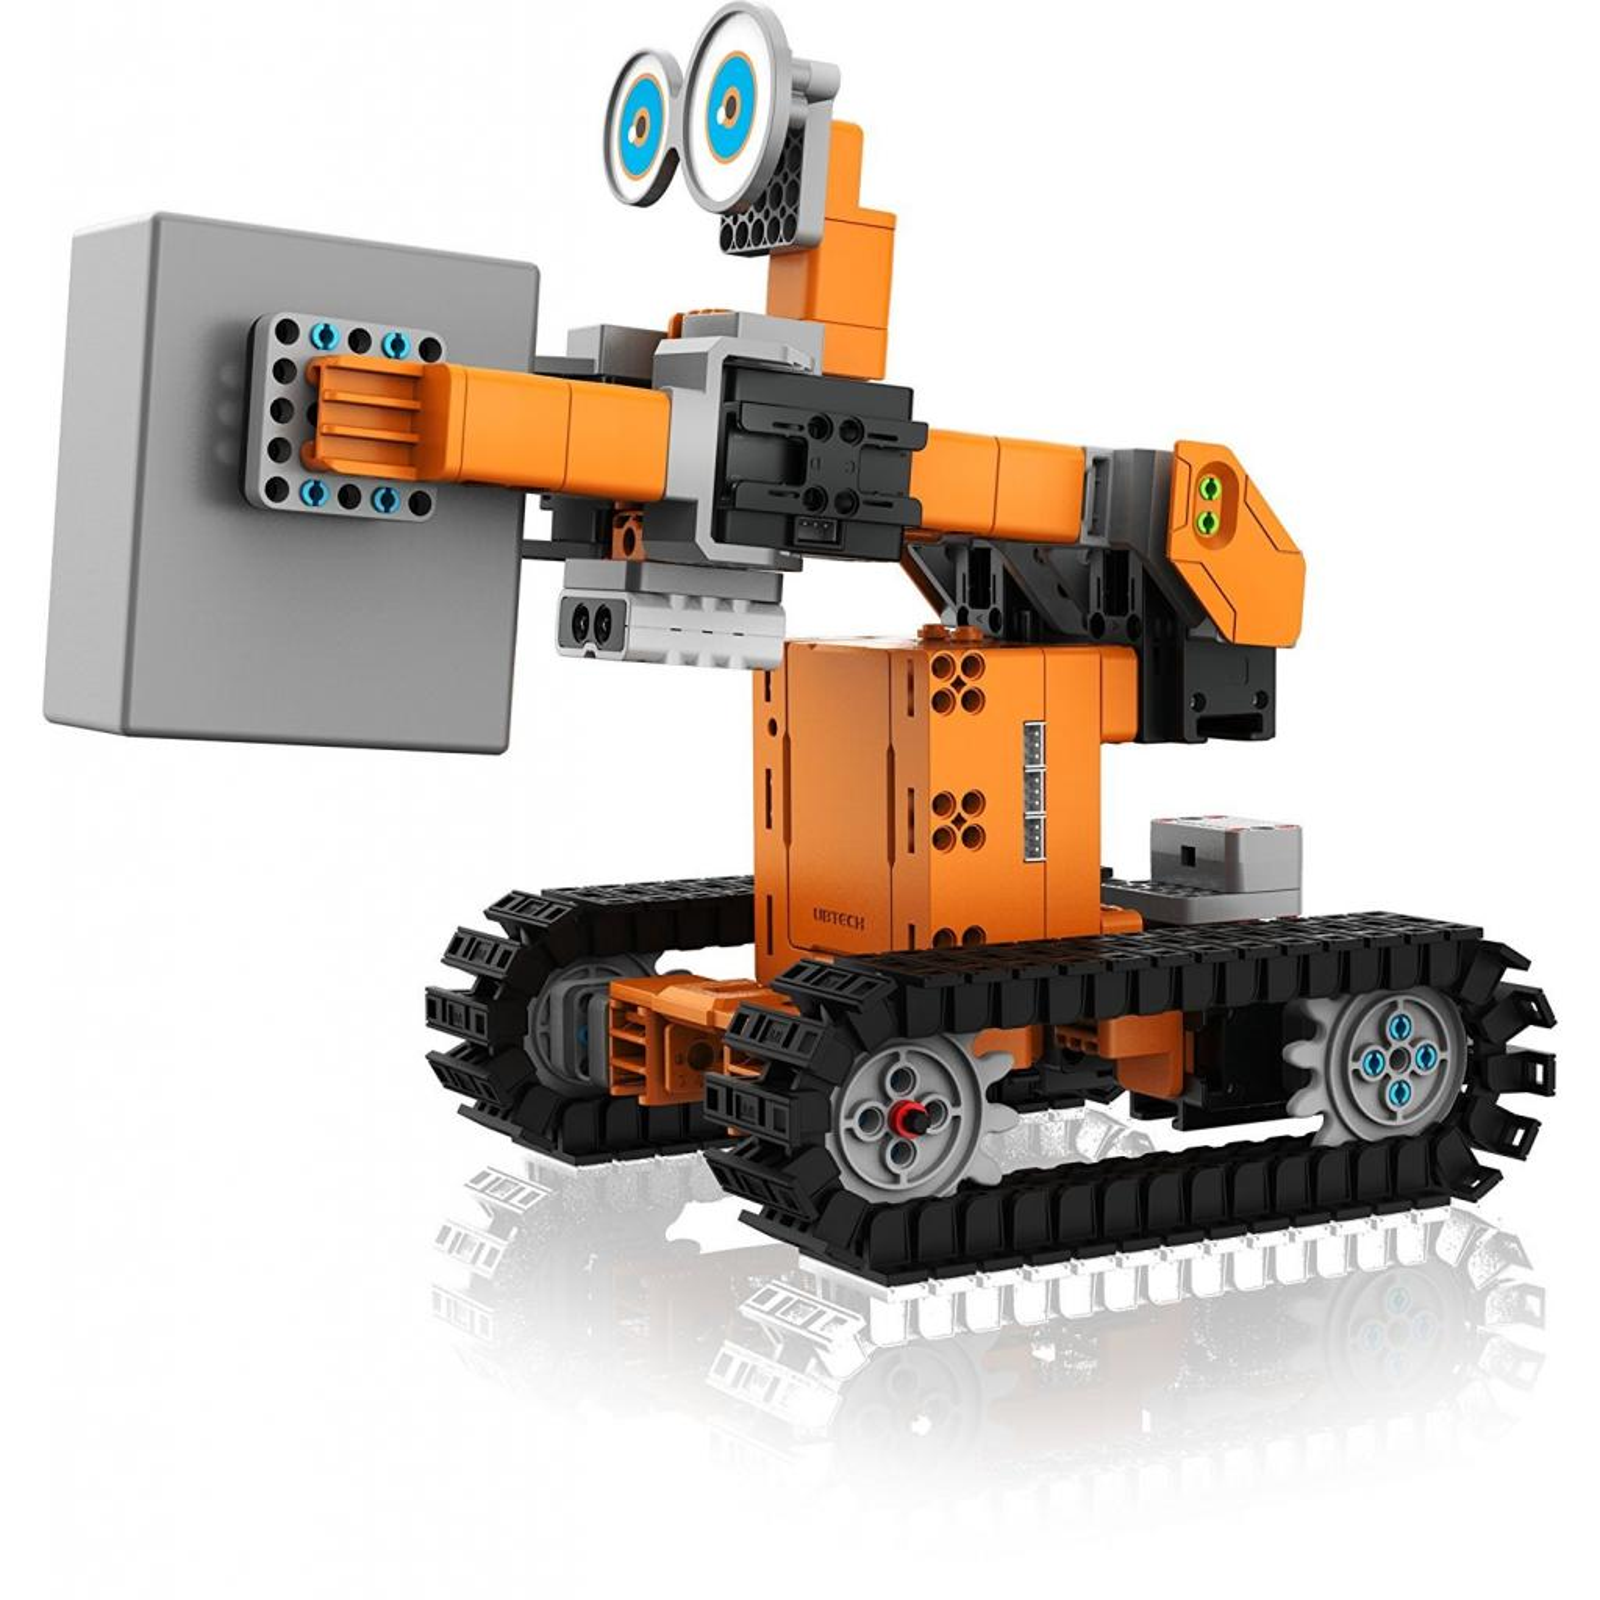 Робот Ubtech JIMU Tankbot (6 servos) (JR0601-1) изображение 4